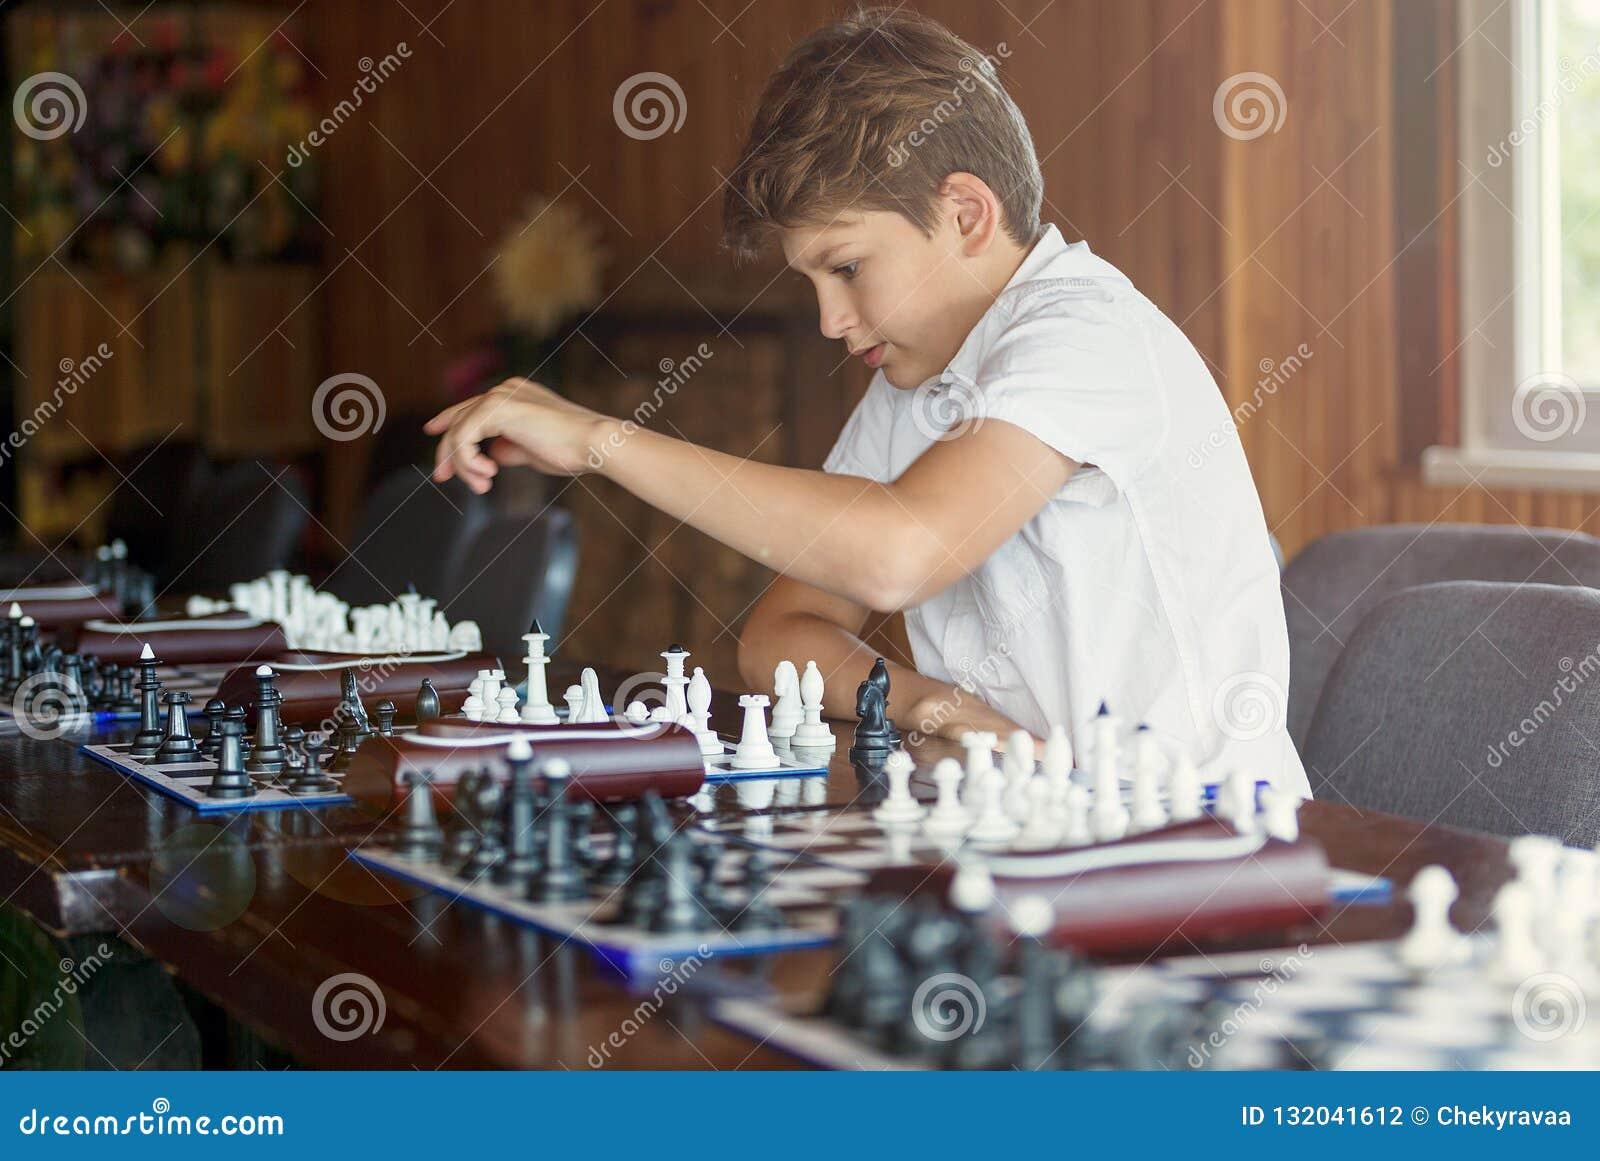 Il ragazzo sveglio e giovane gioca gli scacchi con la scacchiera di legno Torneo di scacchi, lezione, campo, addestramento